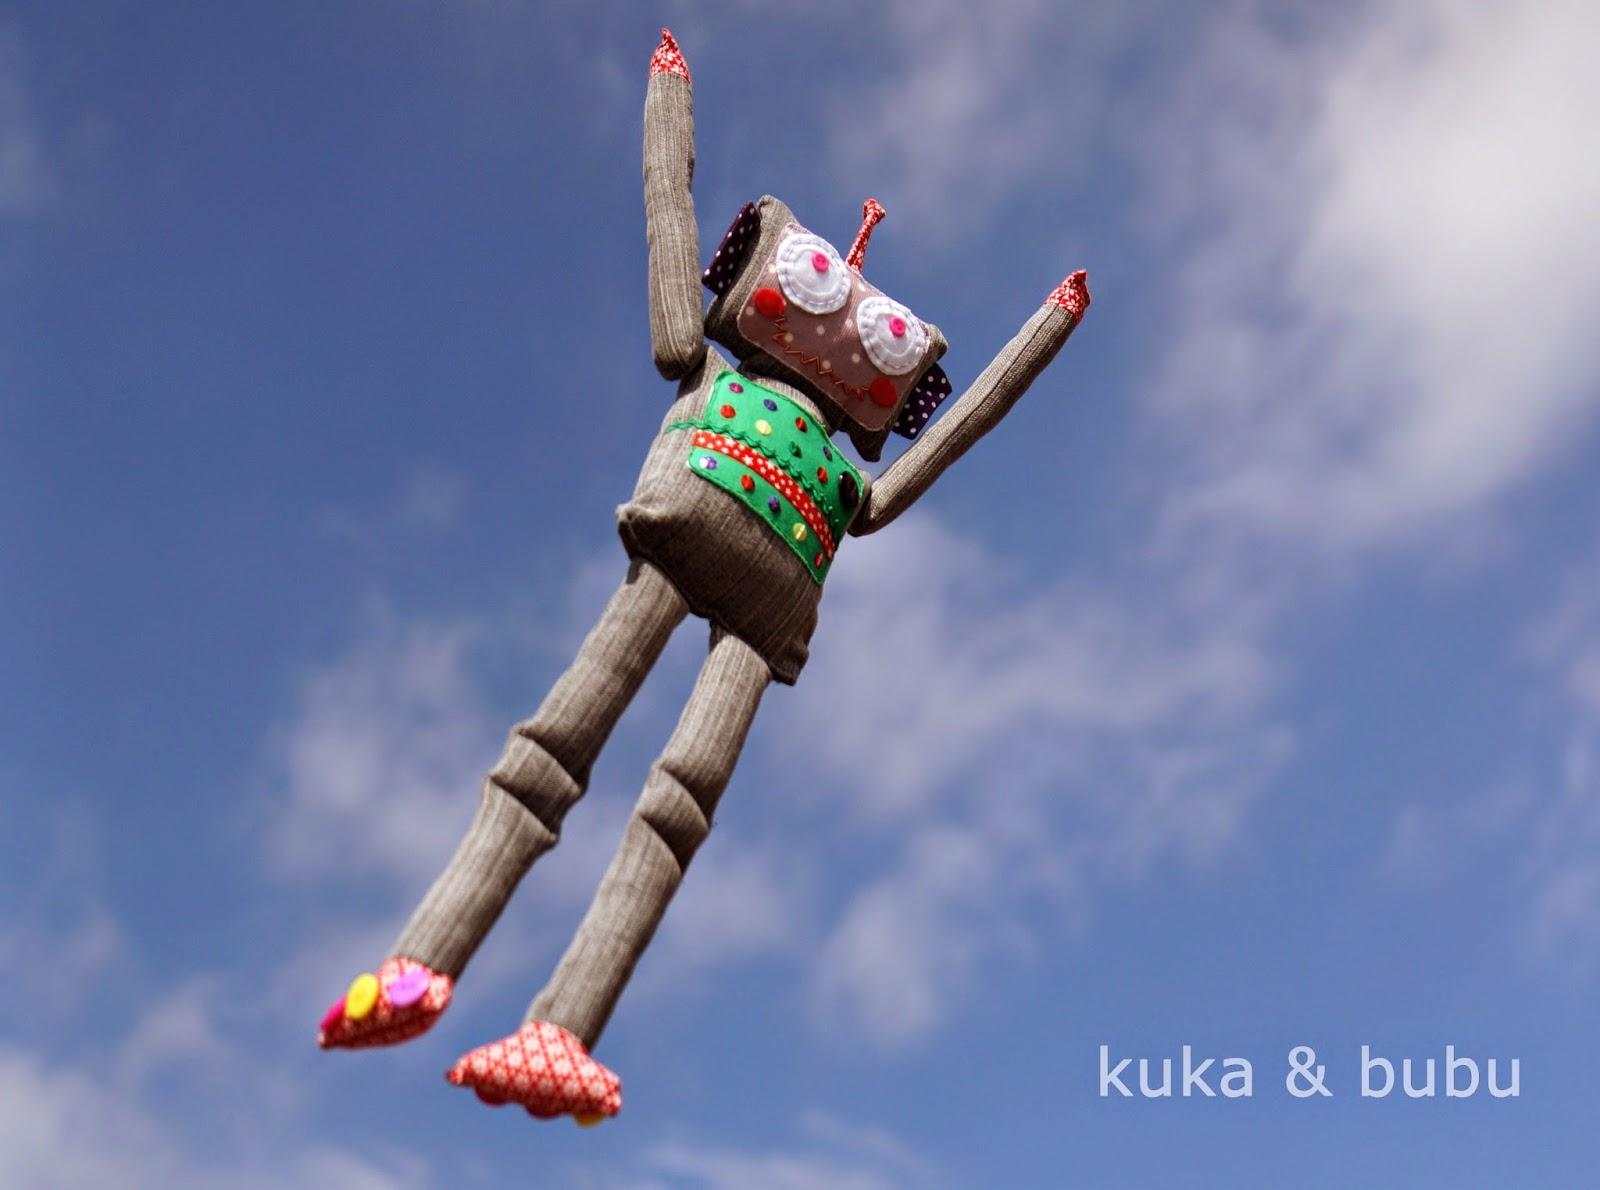 http://kukaandbubu.blogspot.com.es/2014/09/robot.html